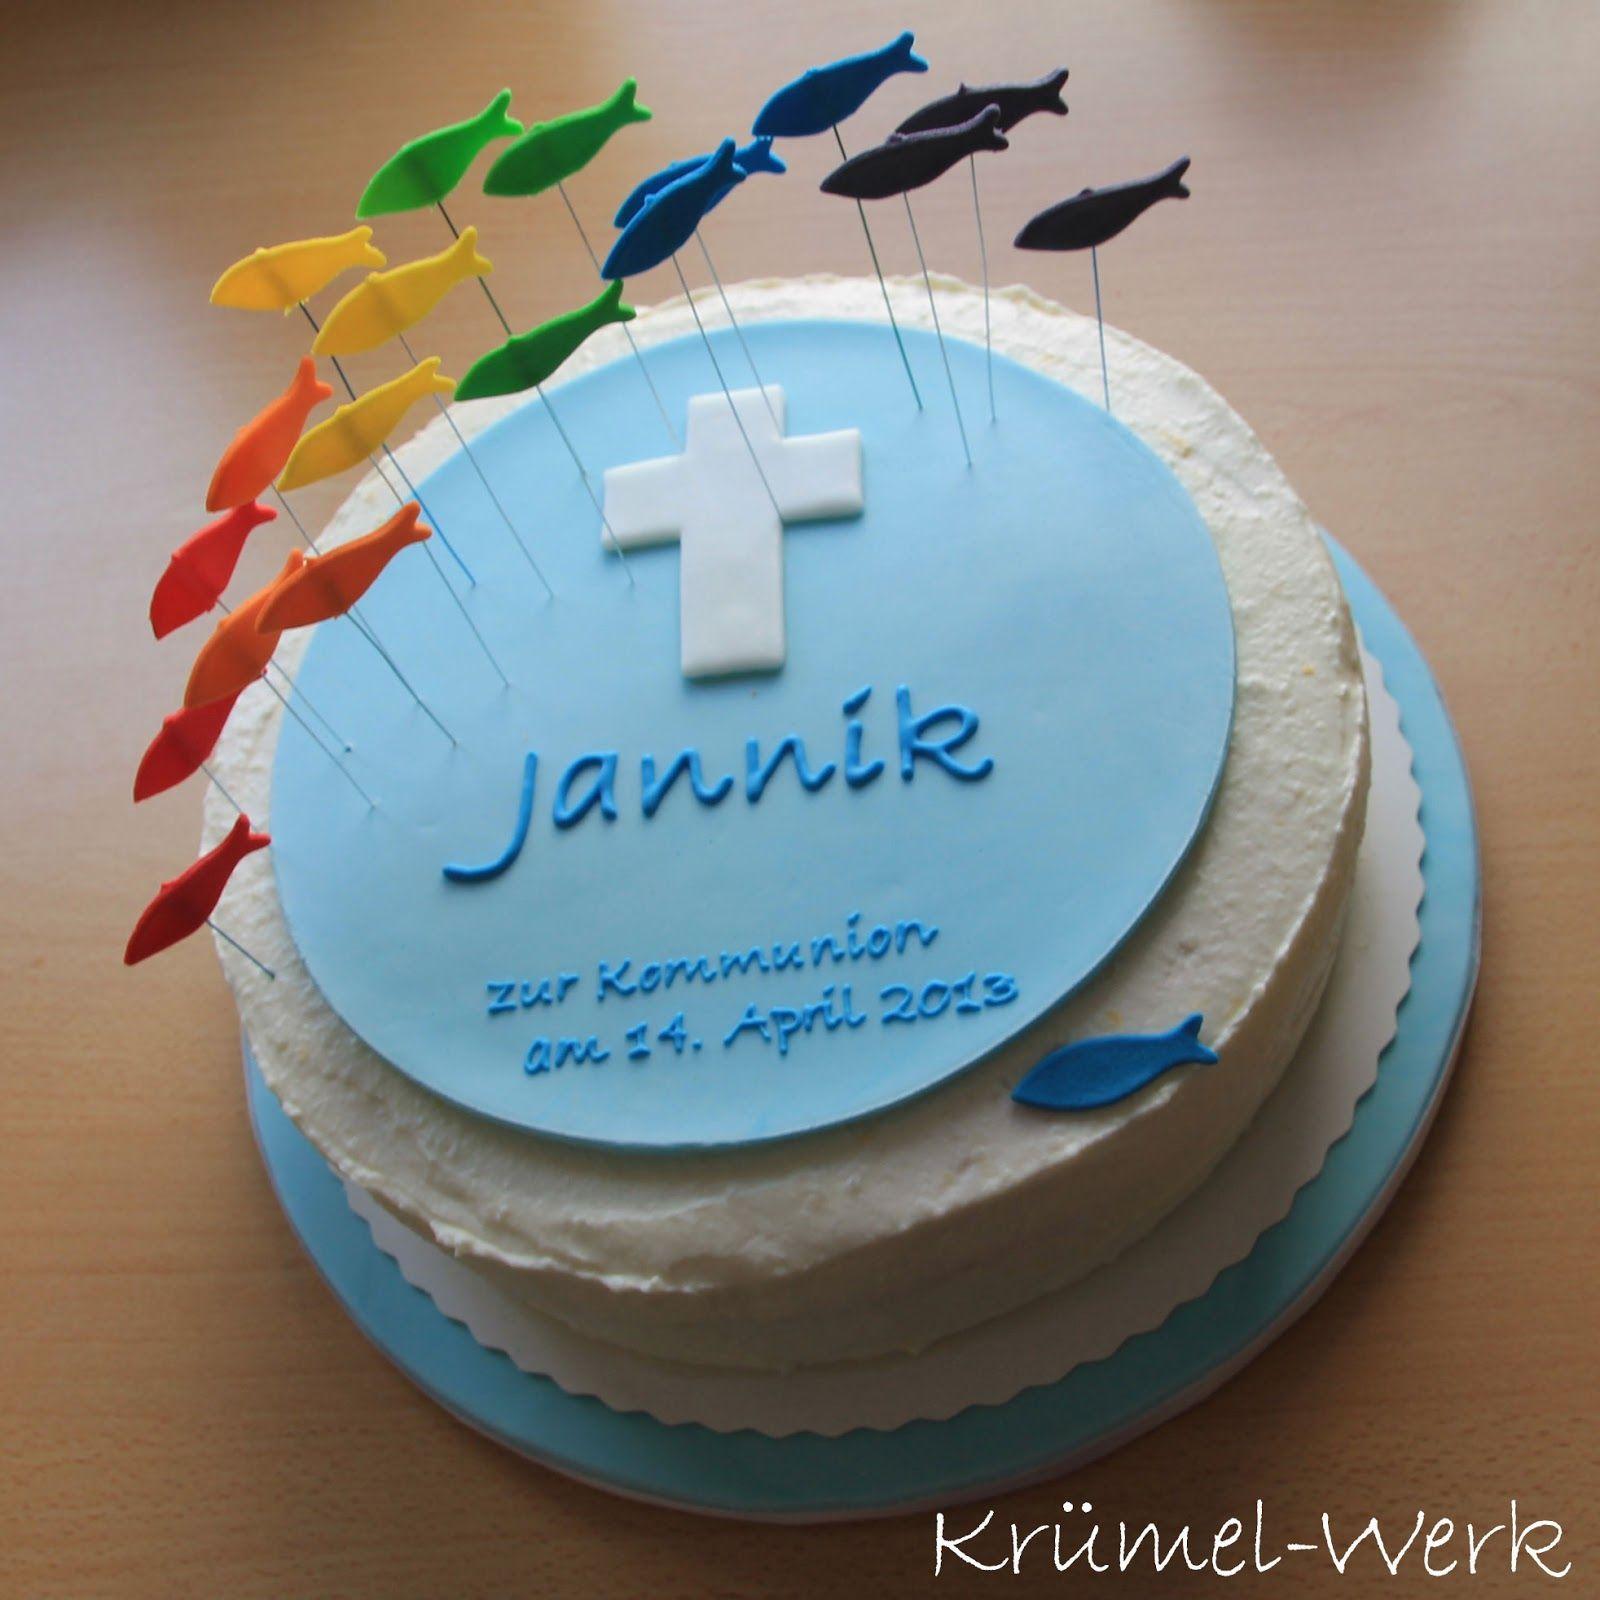 Krumel Werk Backen Einfach Schon Kommunion Kommunion Torte Geburtstag Kuchen Dekorieren